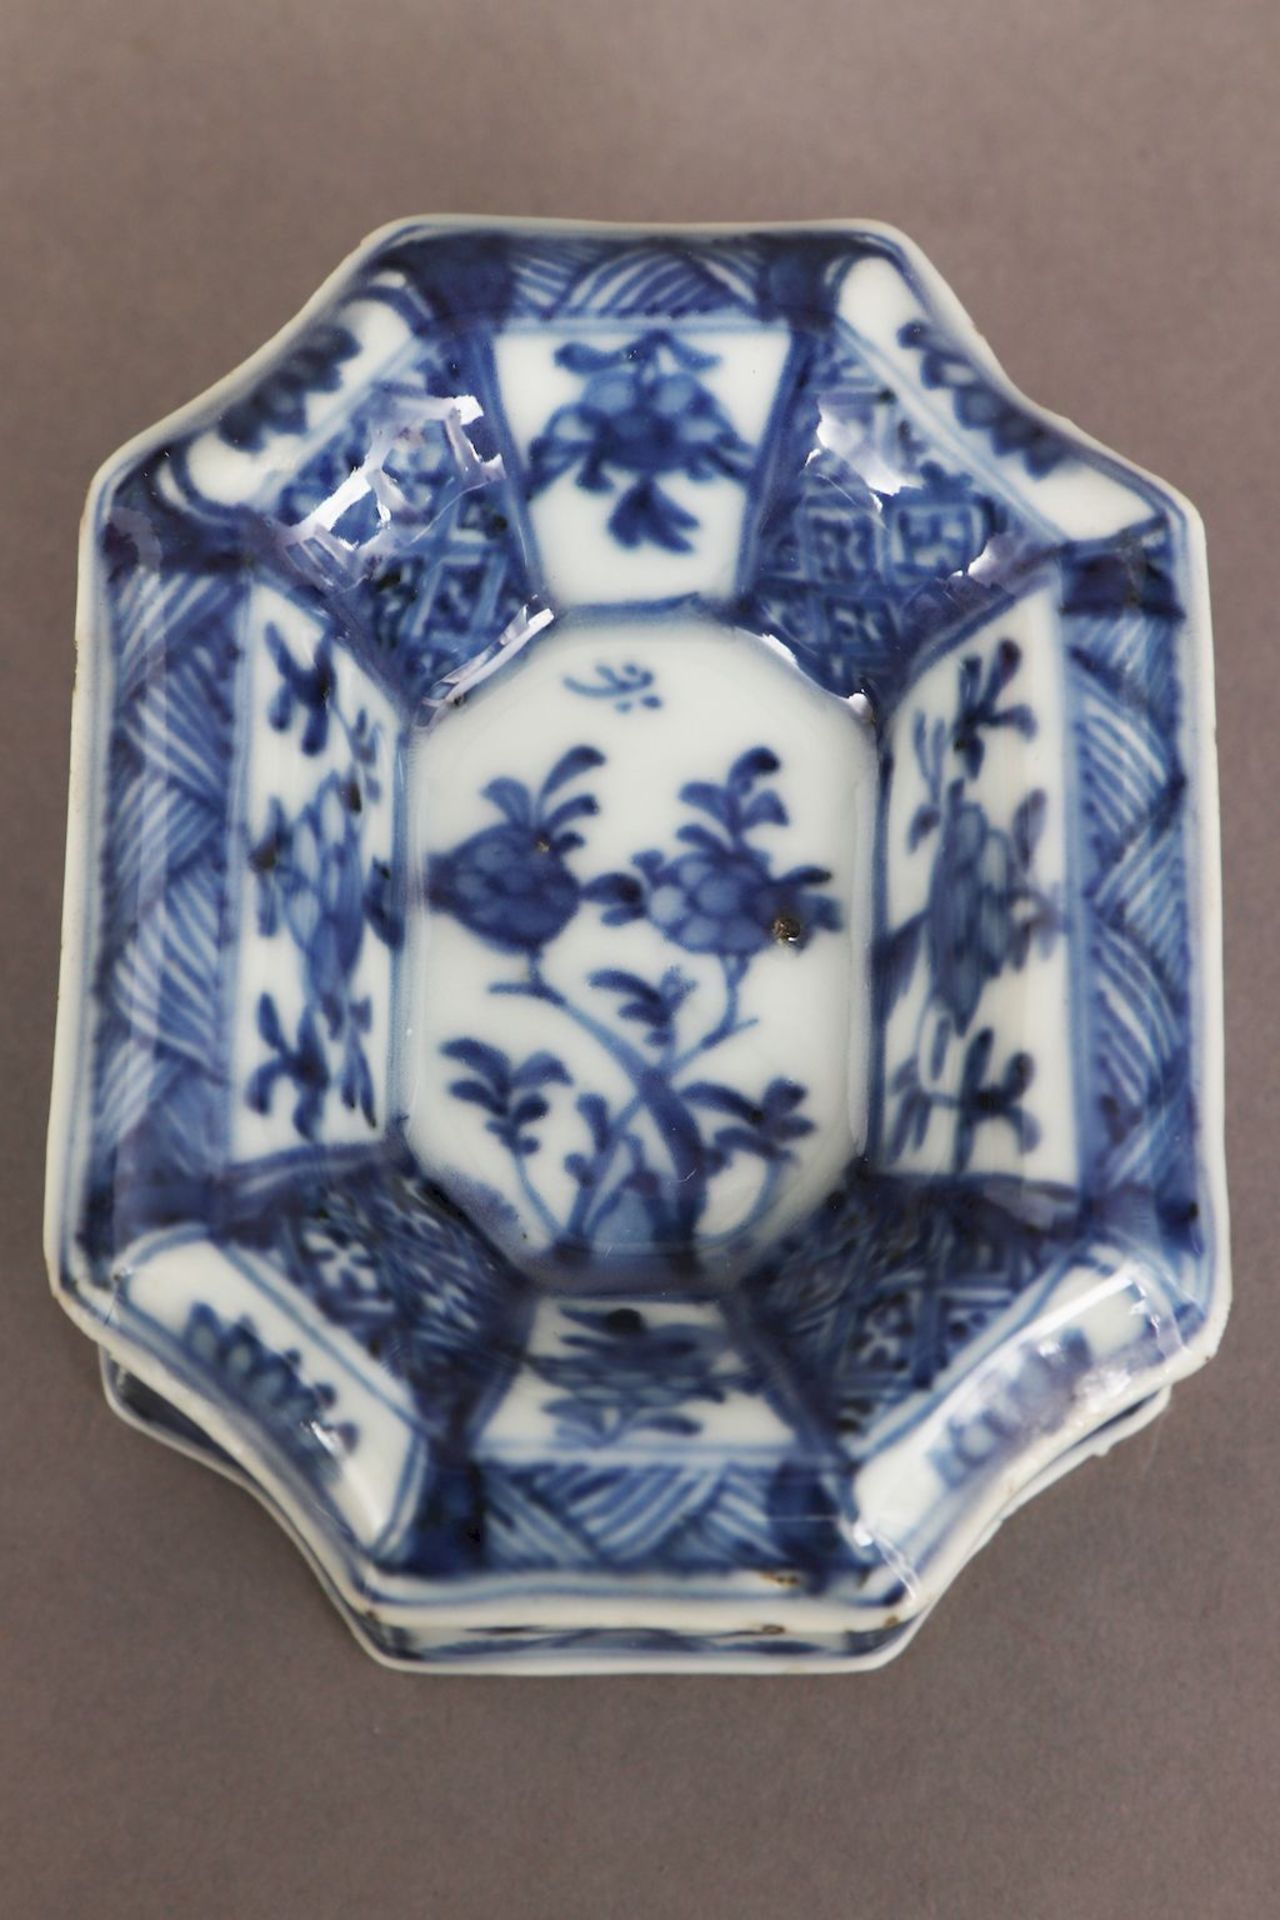 2 chinesische Porzellane mit Blaumalerei - Bild 7 aus 7